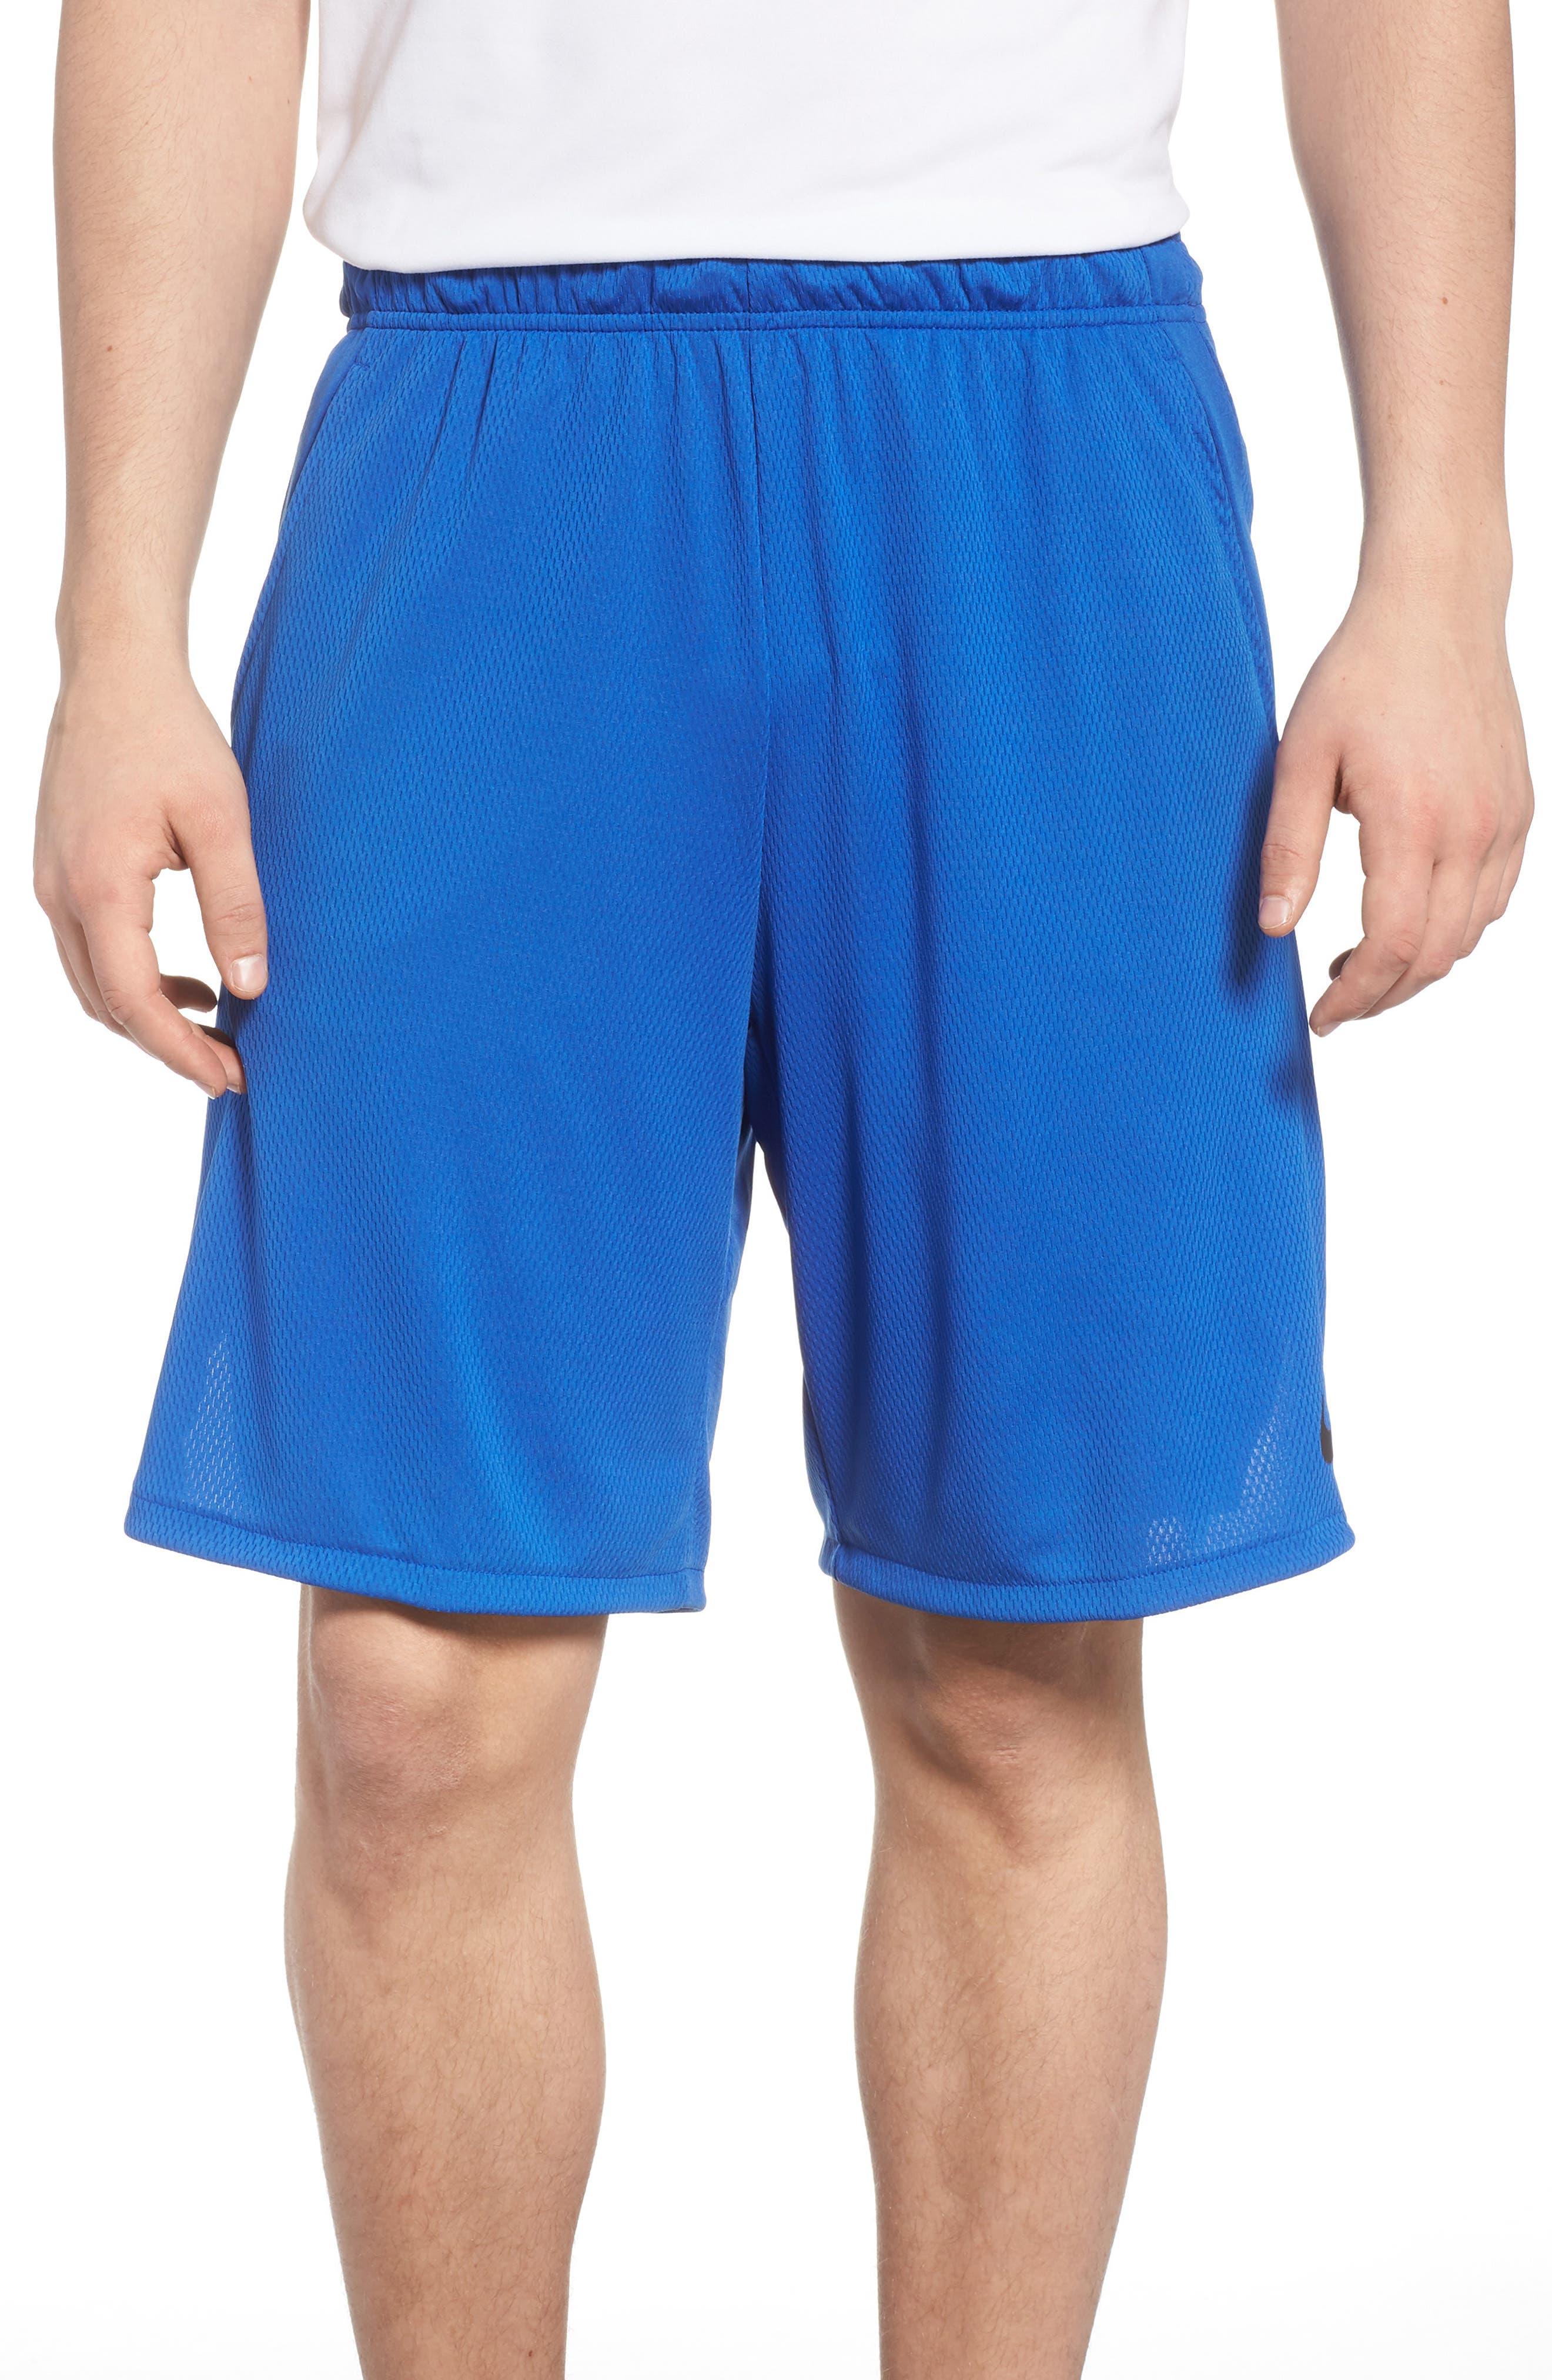 Training Dry 4.0 Shorts,                             Main thumbnail 1, color,                             Game Royal/ Black